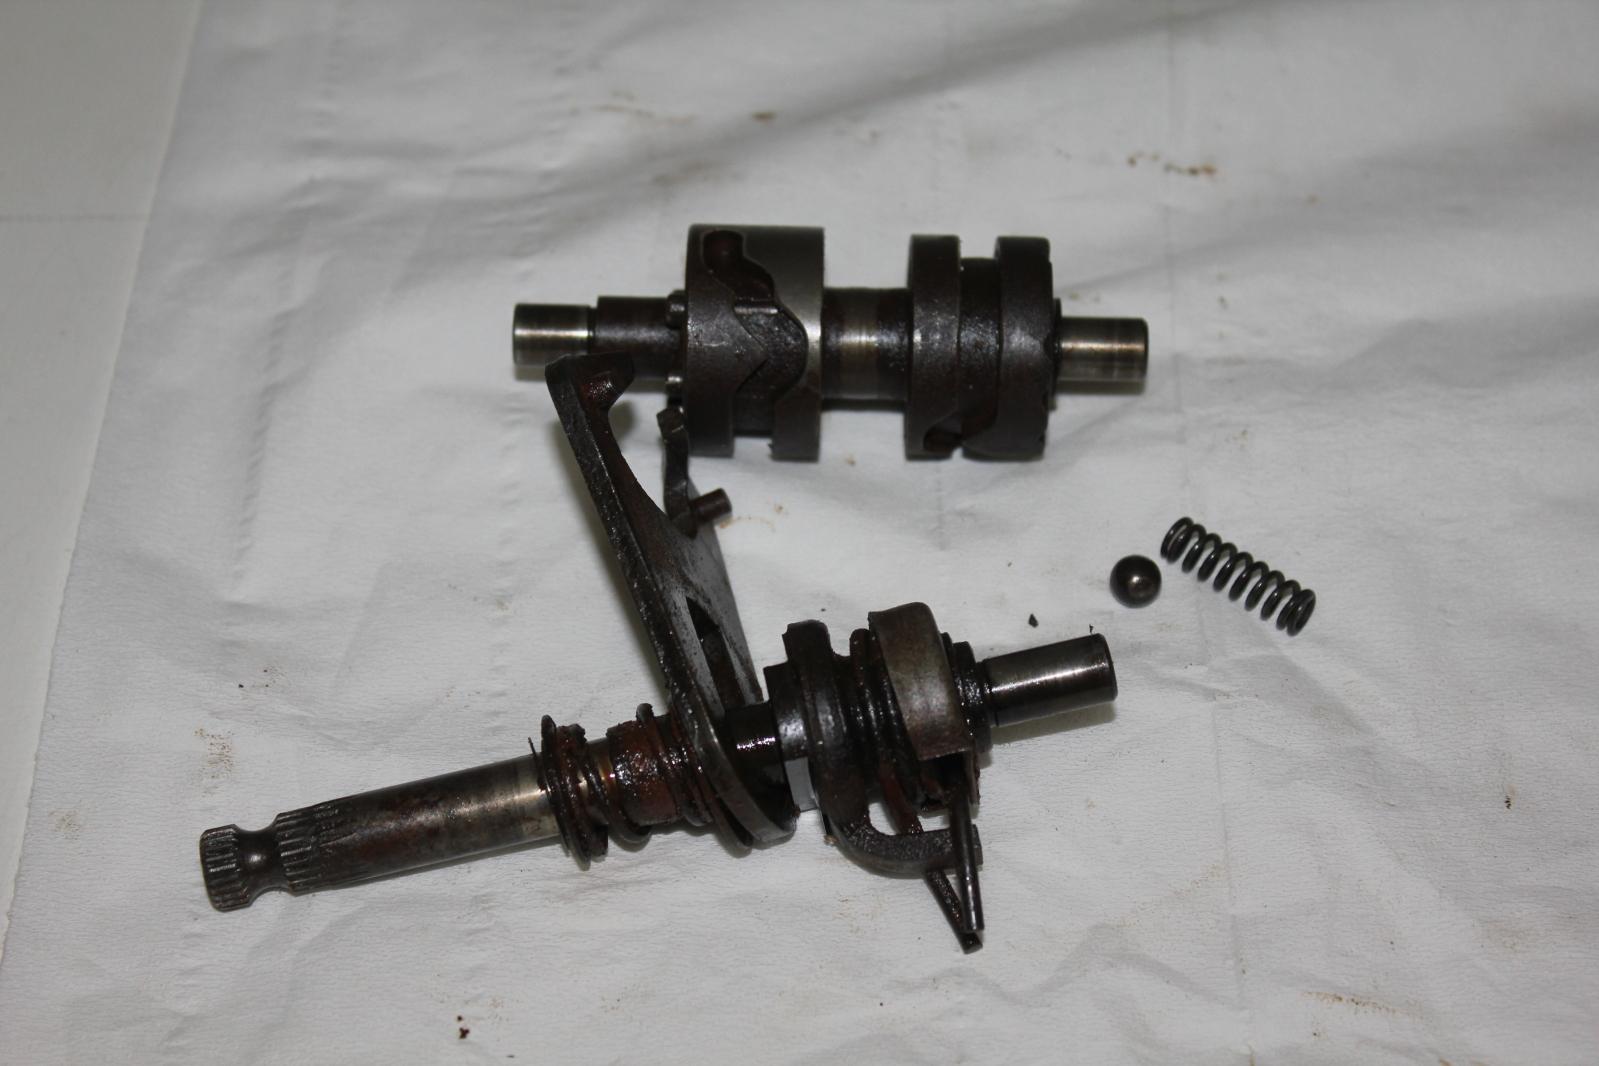 Mejoras en motores P3 P4 RV4 DL P6 K6... - Página 4 2vchso3